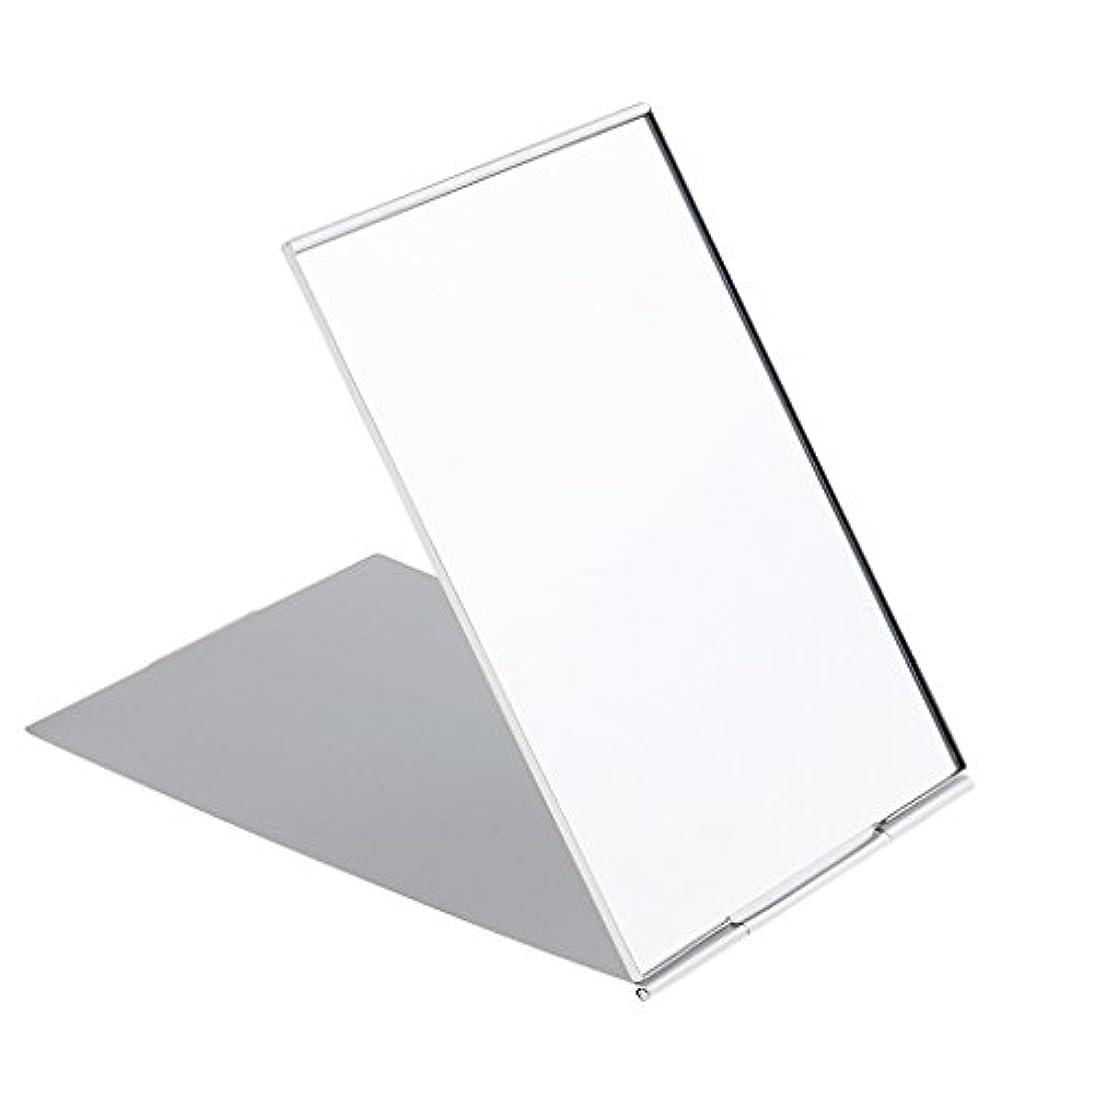 用量暗い本質的にミニ旅行ポータブル折り畳み式ハンドバッグポケットコンパクト化粧鏡シルバー - #1